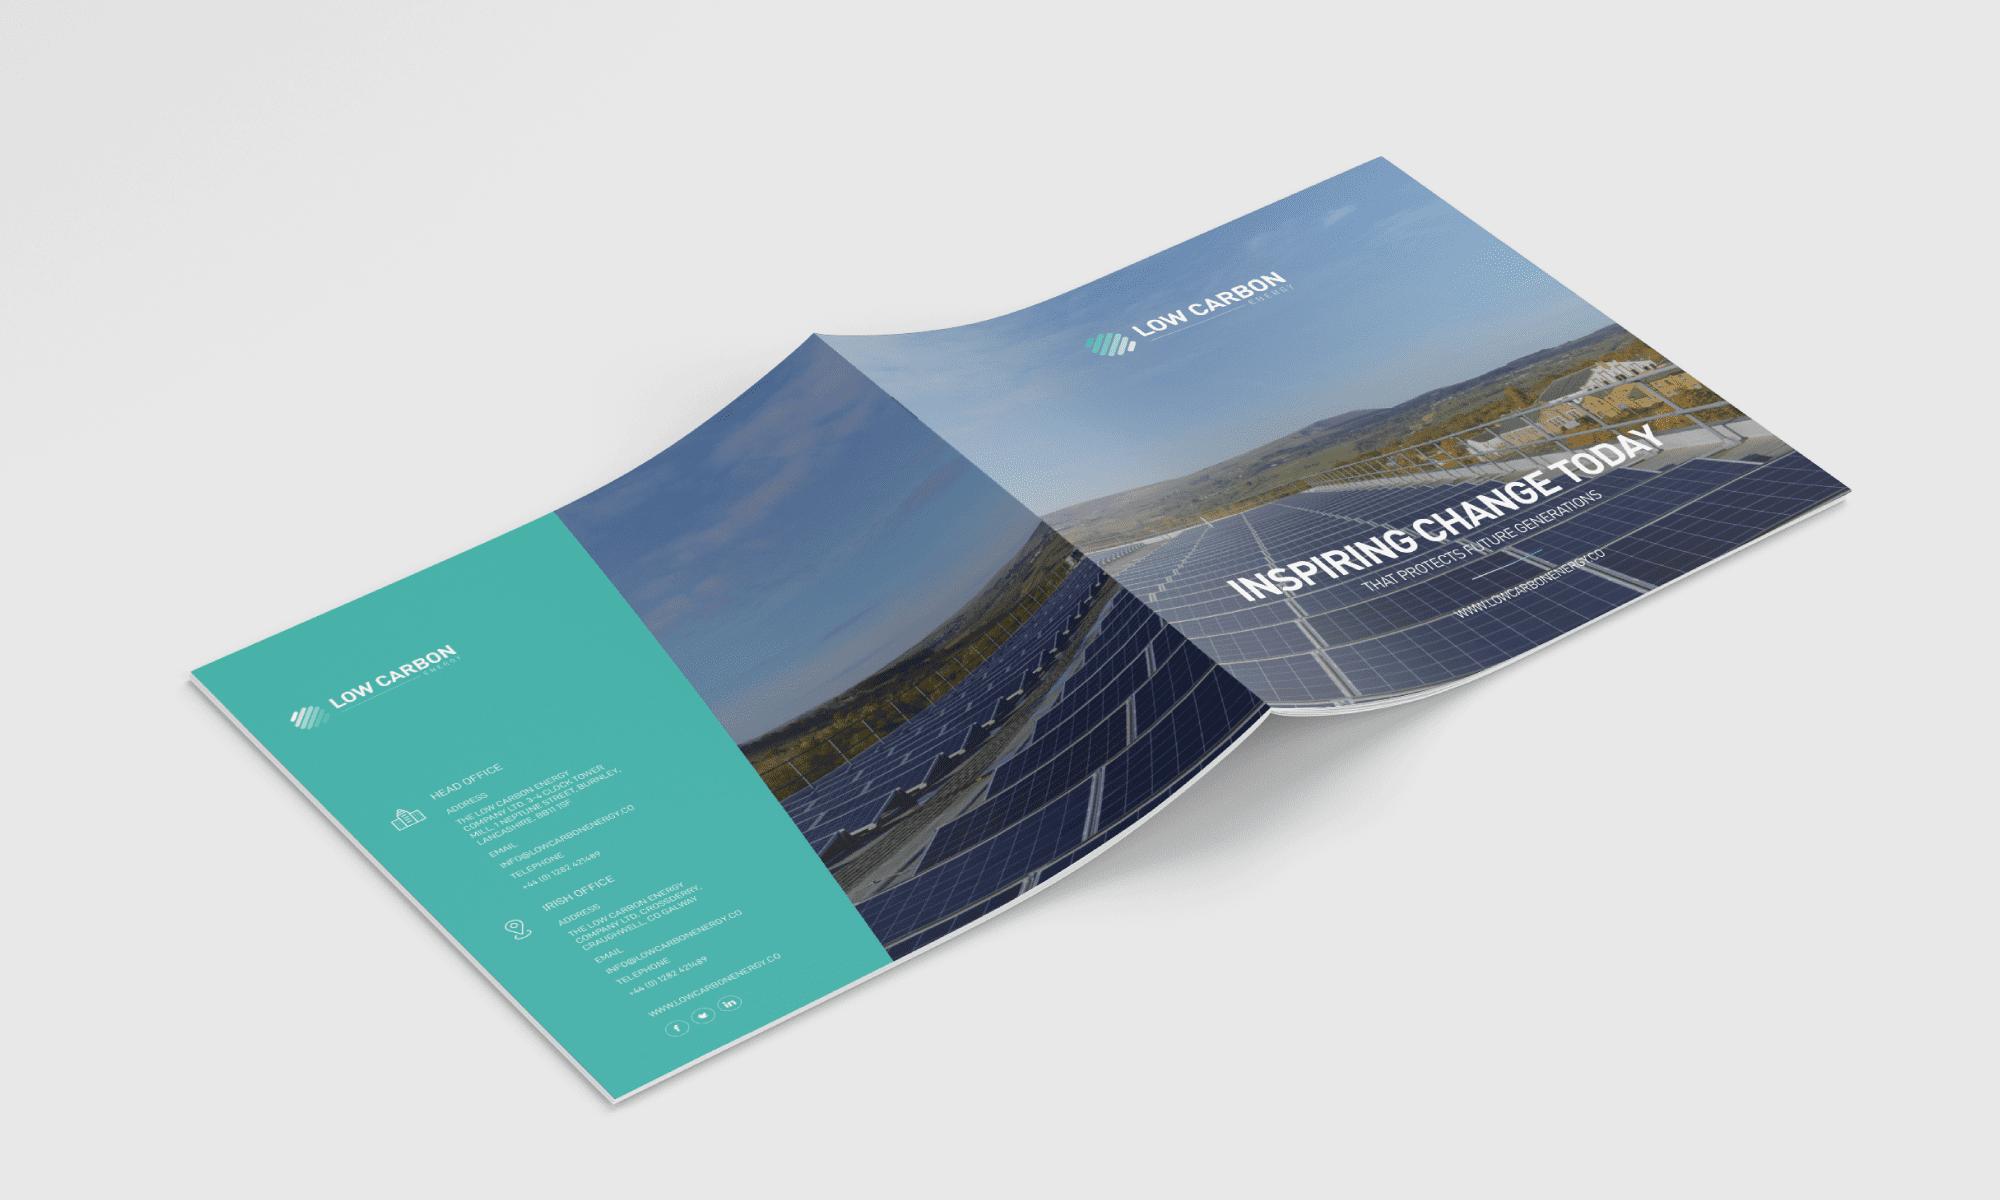 Low Carbon Energy - Brochure Design